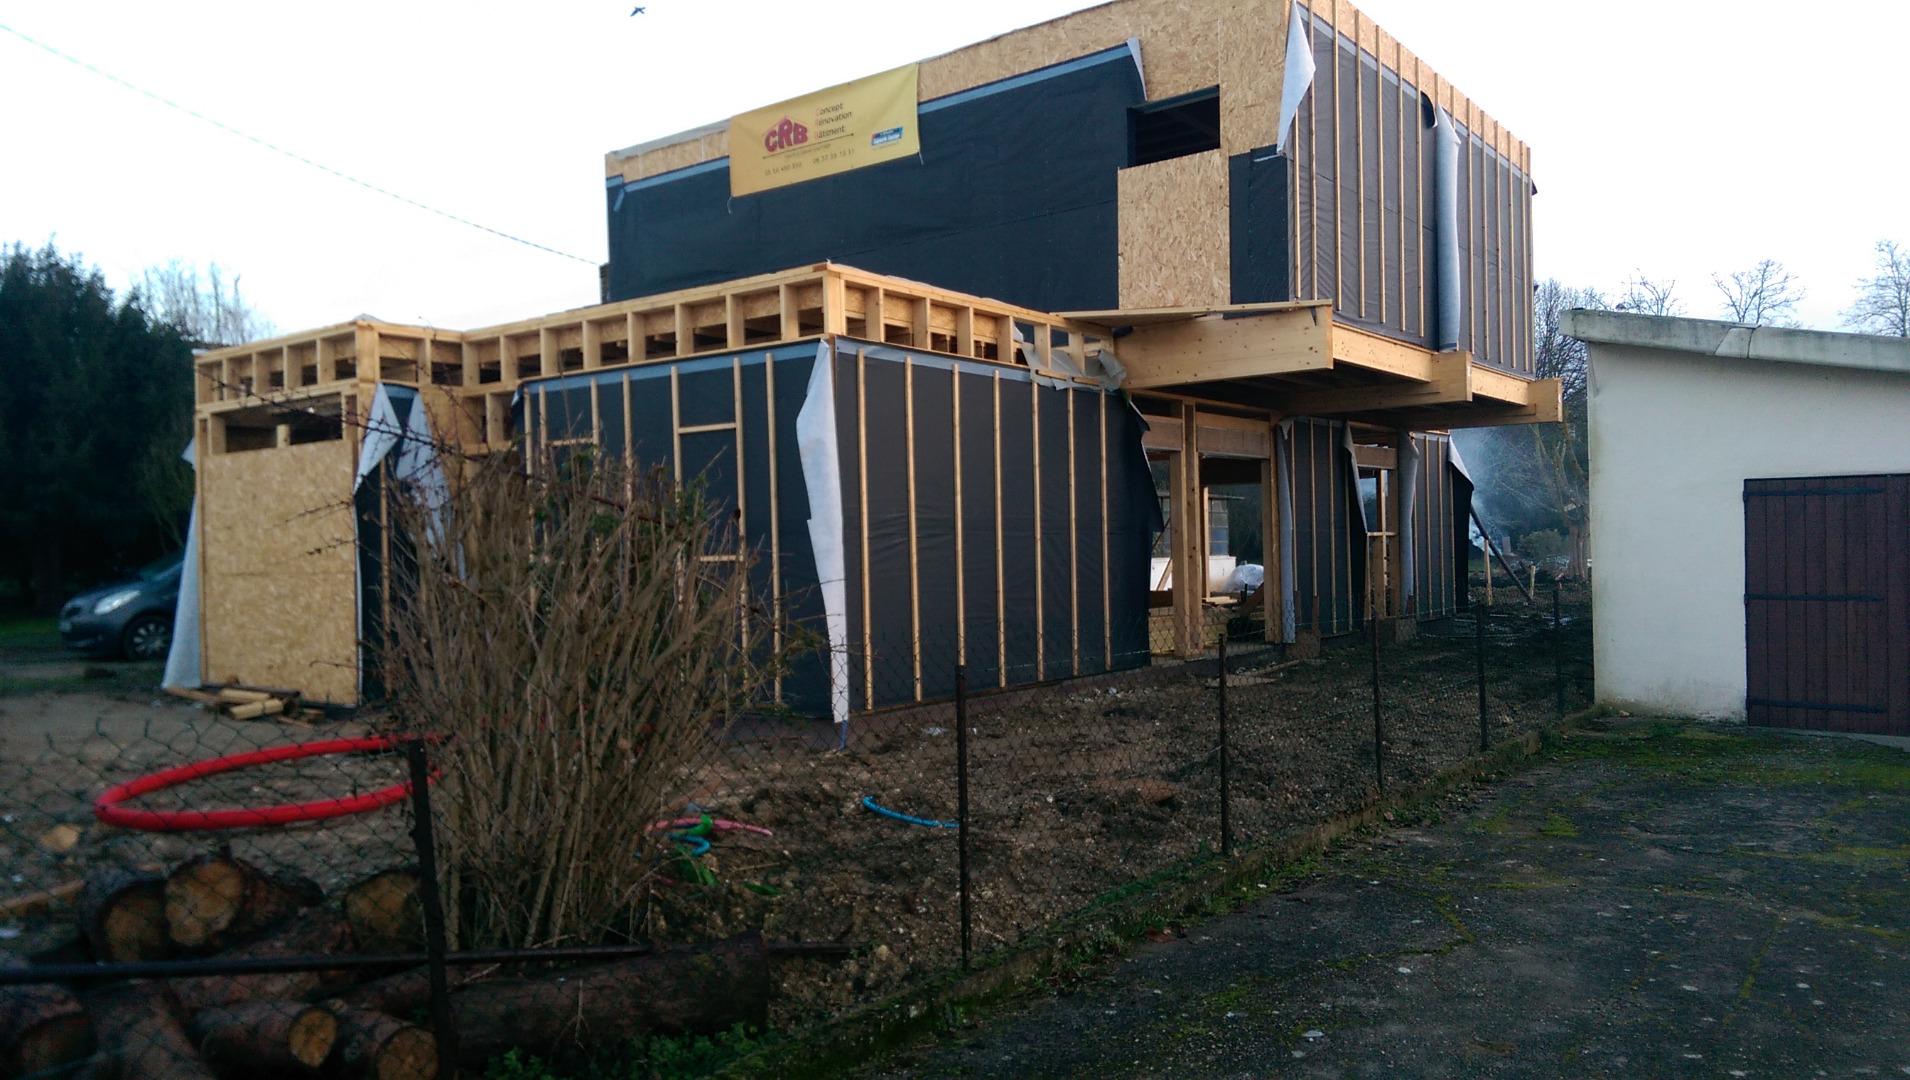 Maison Ossature Bois Bordeaux crb - construction maison bois à bordeaux et villenave d'ornon